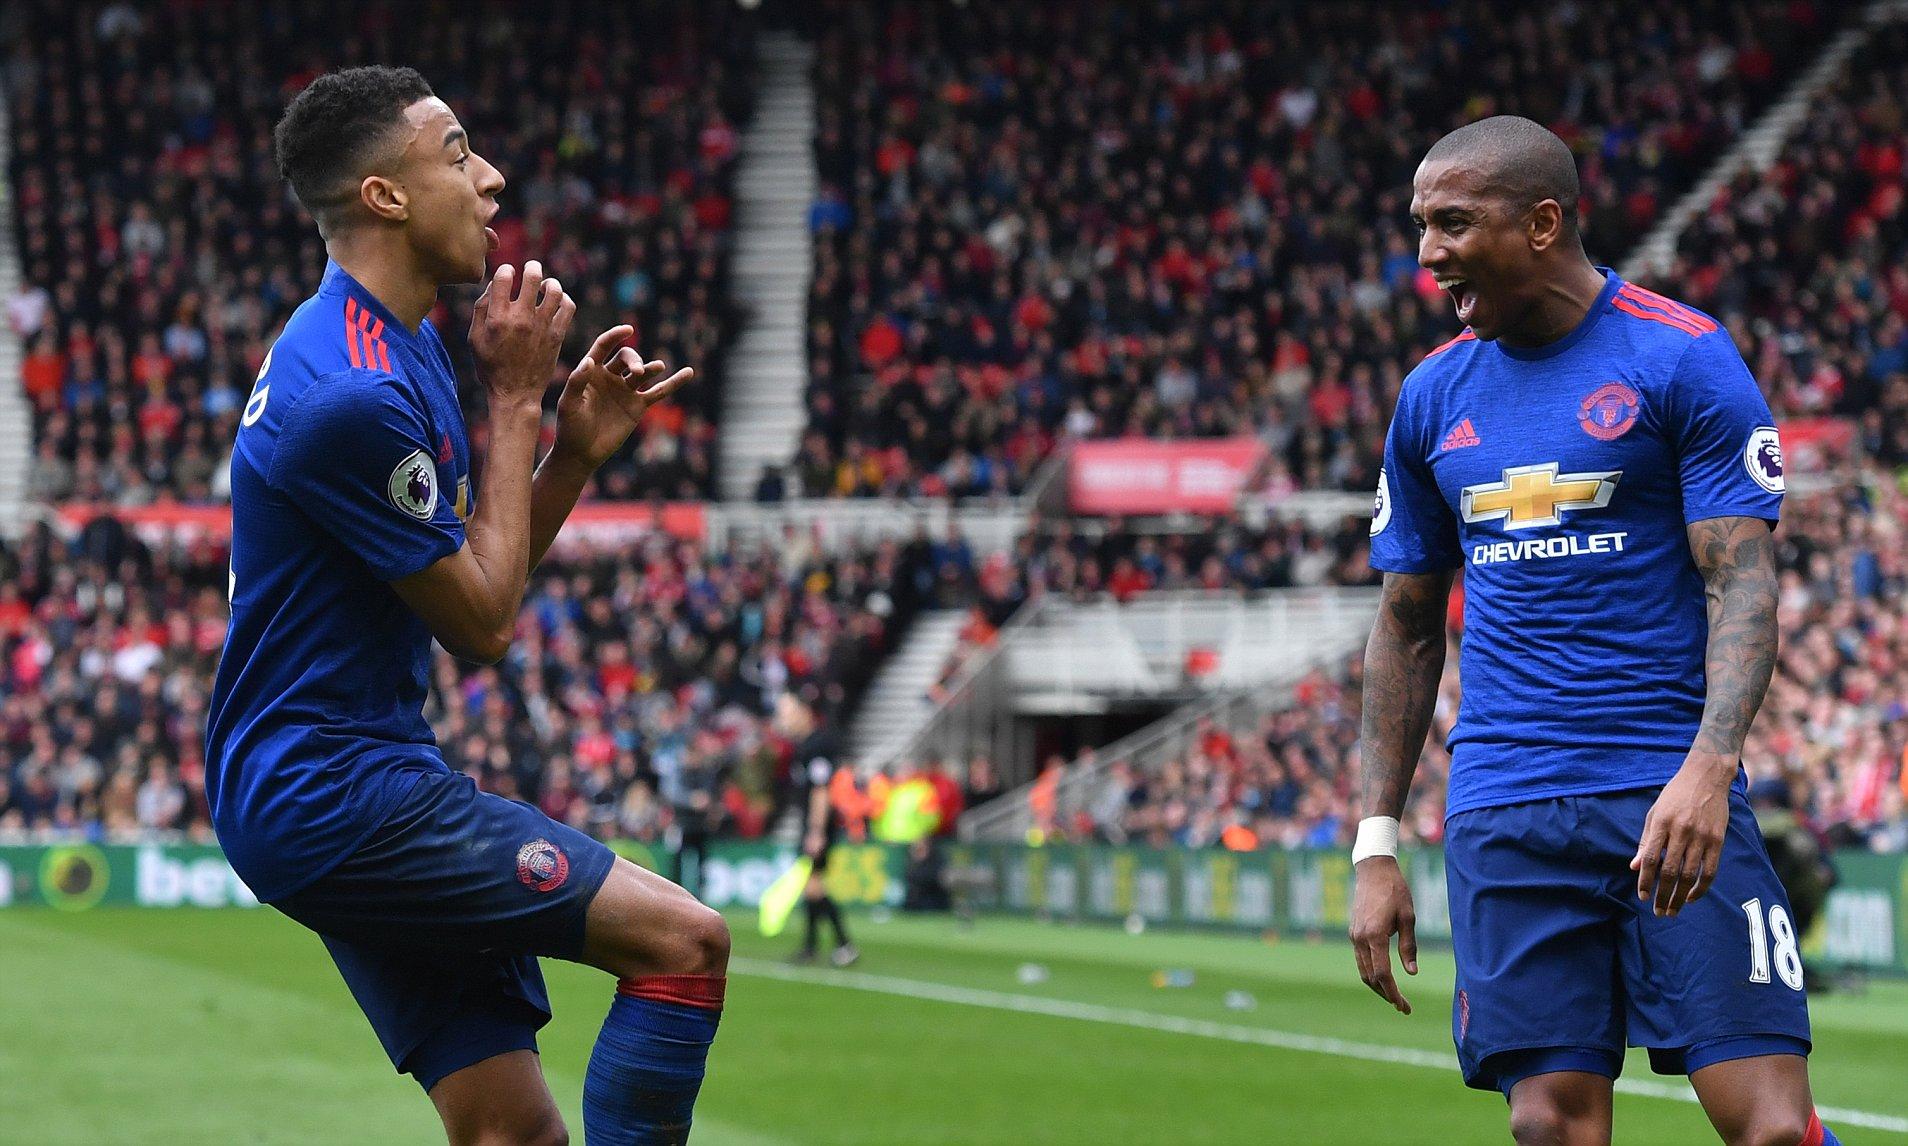 Man Utd: Thứ 5 tại sao không đáng để tự hào? - Ảnh 1.